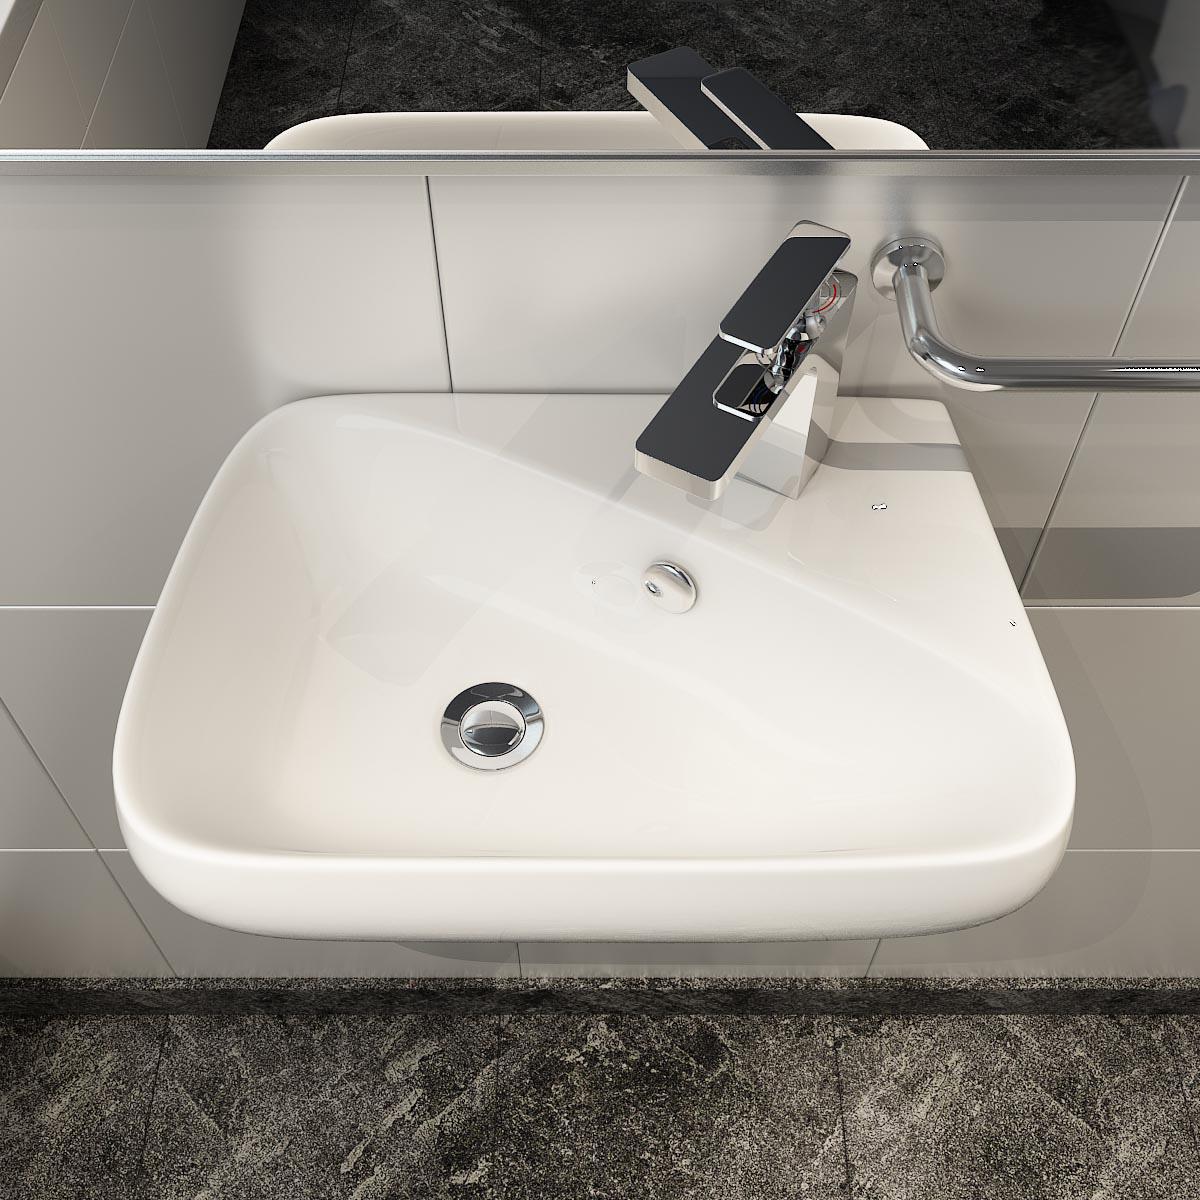 keramik aufsatzbecken waschbecken & -tisch waschschale wandmontage